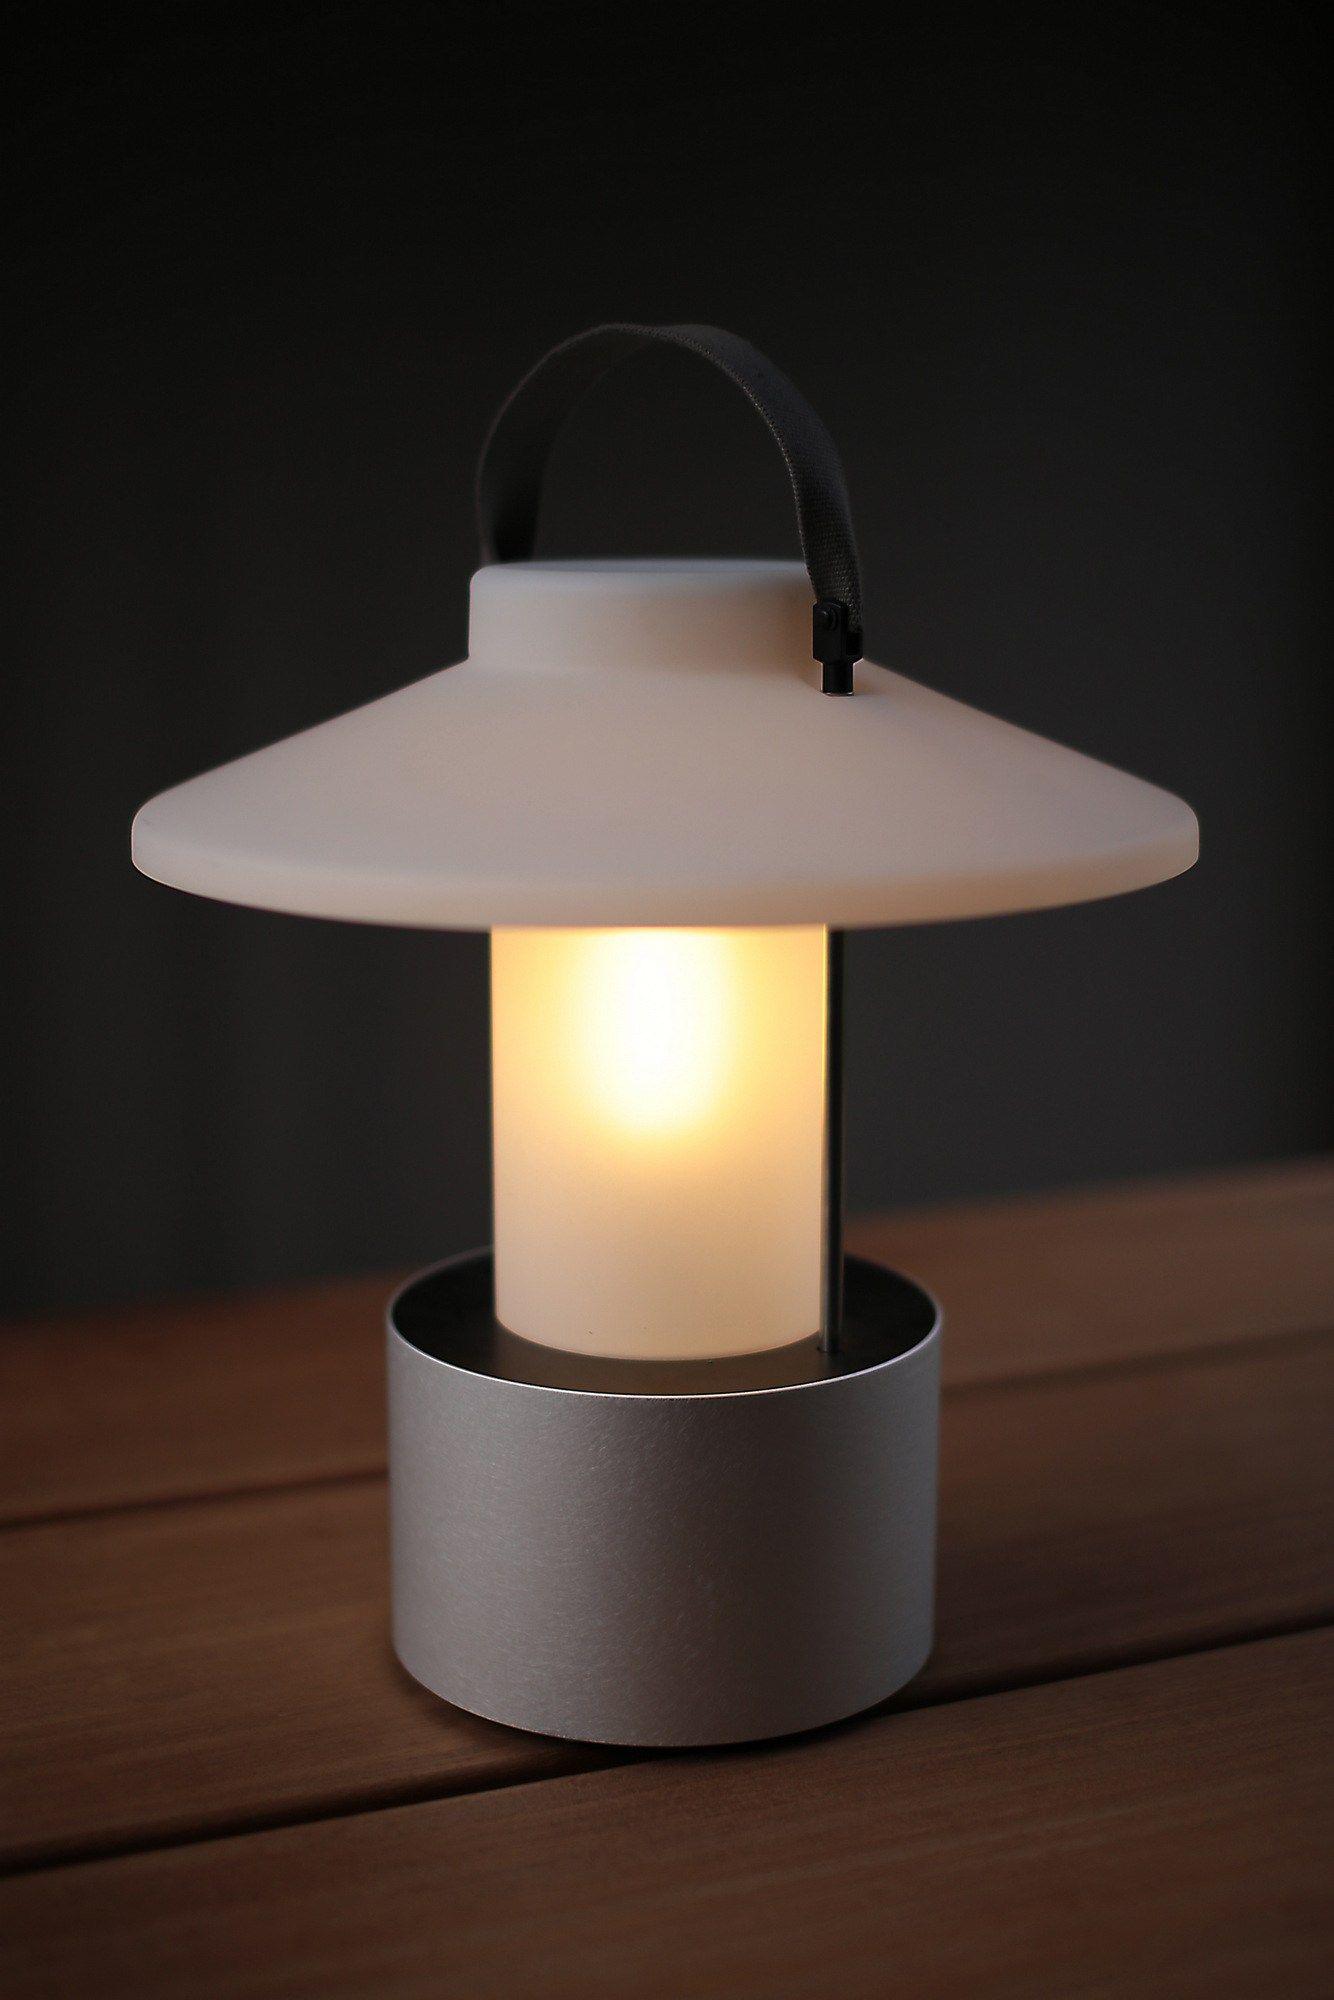 Lampade a batteria per esterni design casa creativa e - Lampade da esterno da terra ikea ...